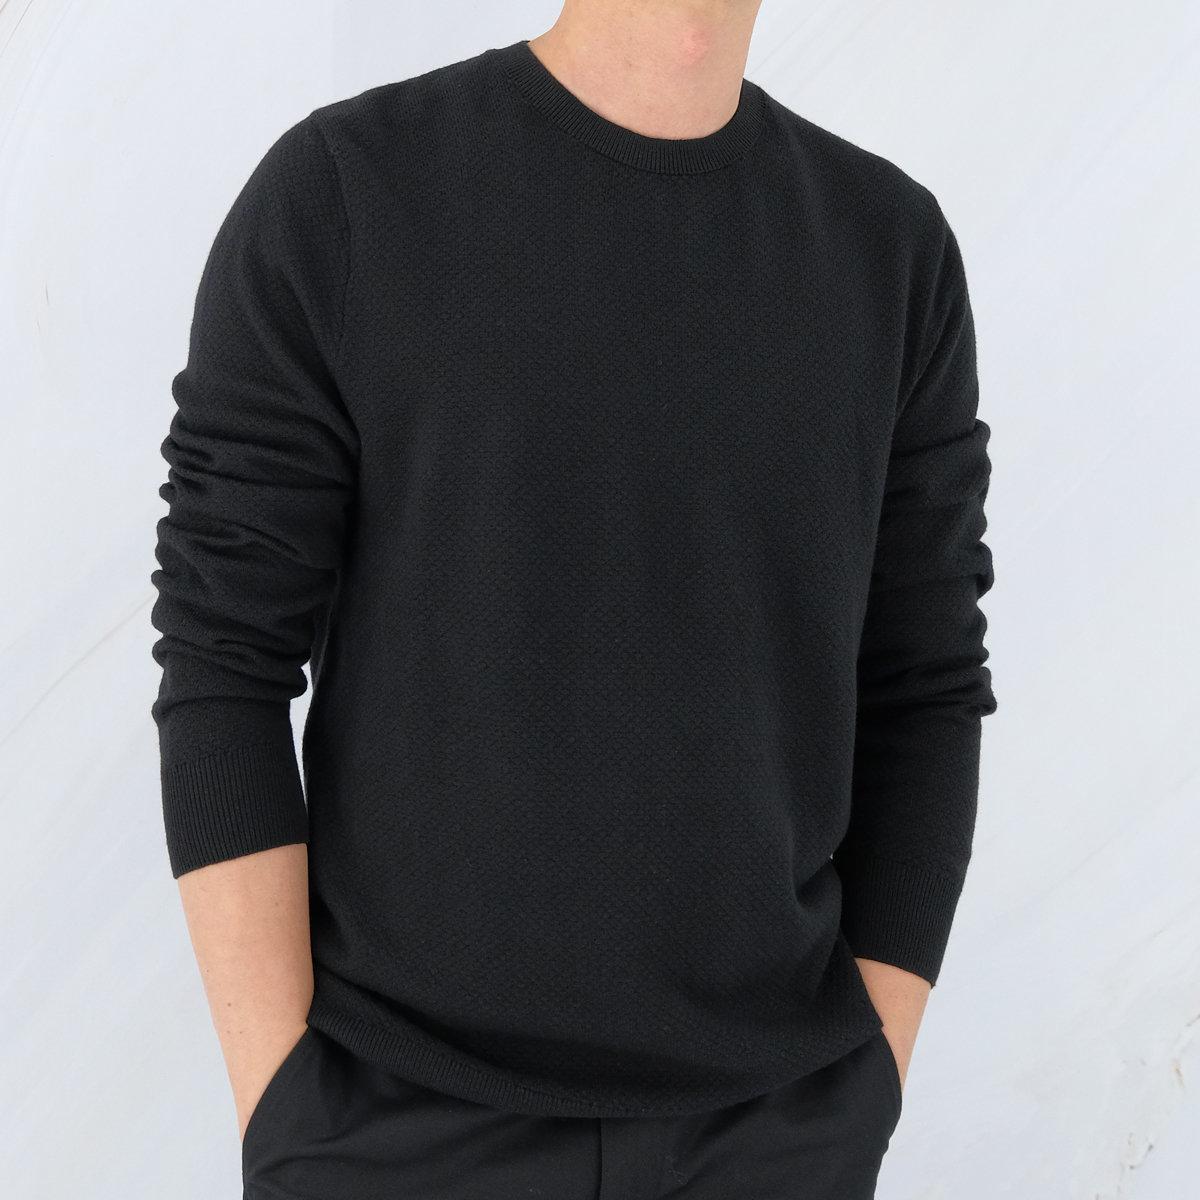 Men's Cotton Blend Round-neck Sweater (Black)